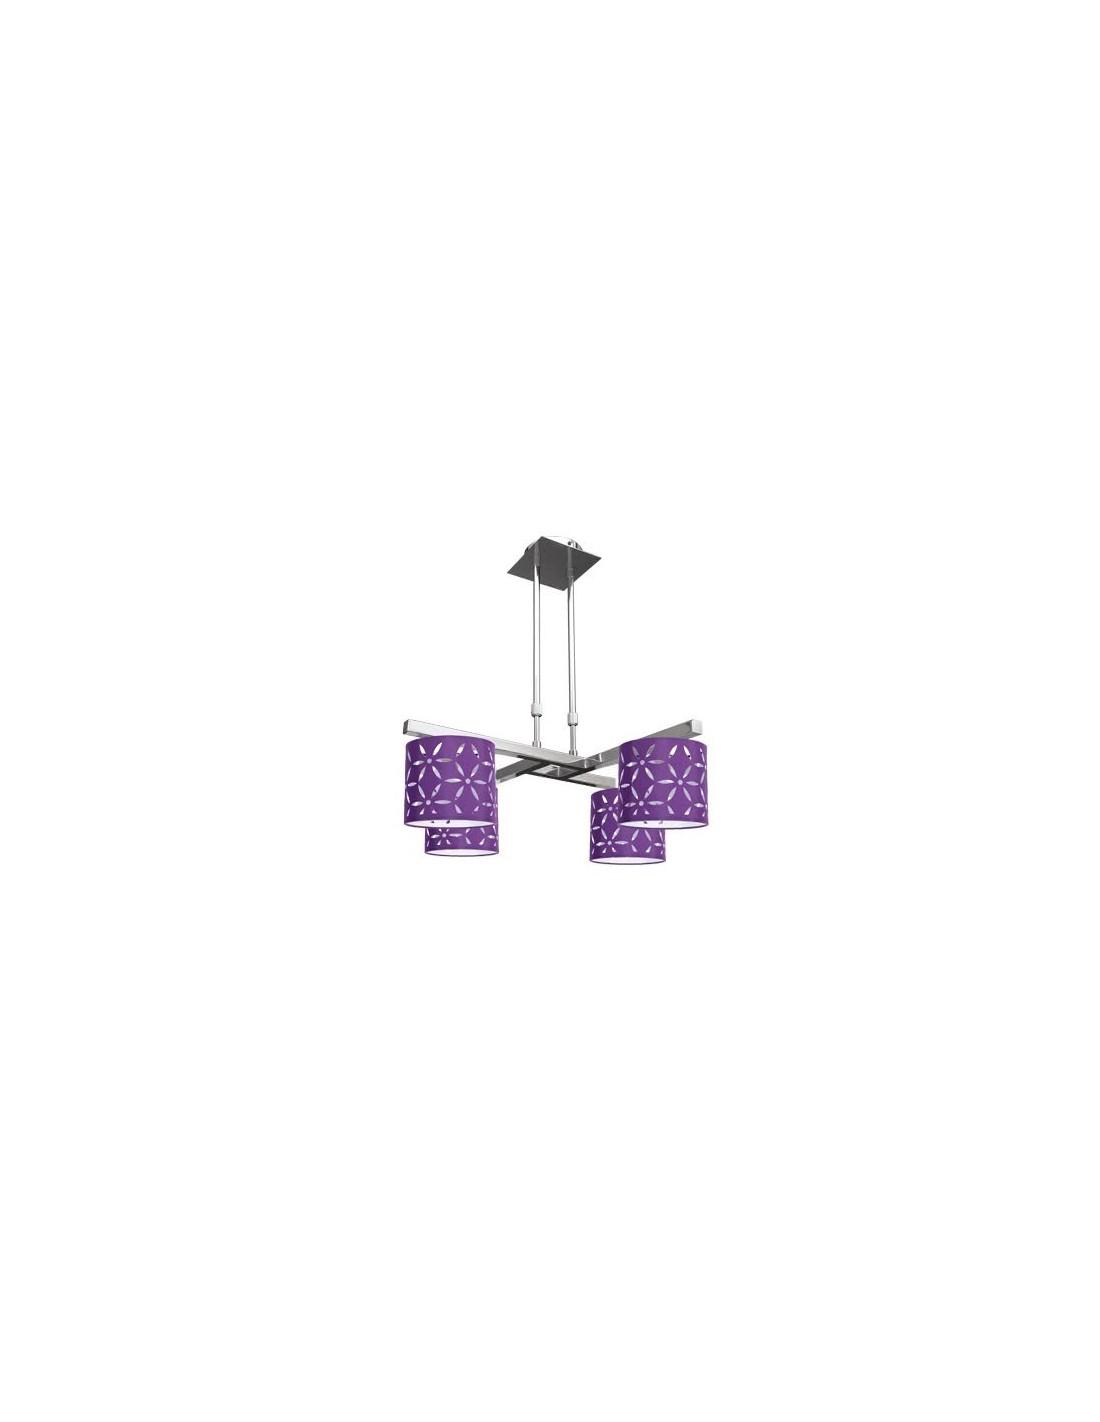 Acheter gea 55 9769 54 t2 leds c4 encastrable de sol ext rieur for Lampe exterieur encastrable